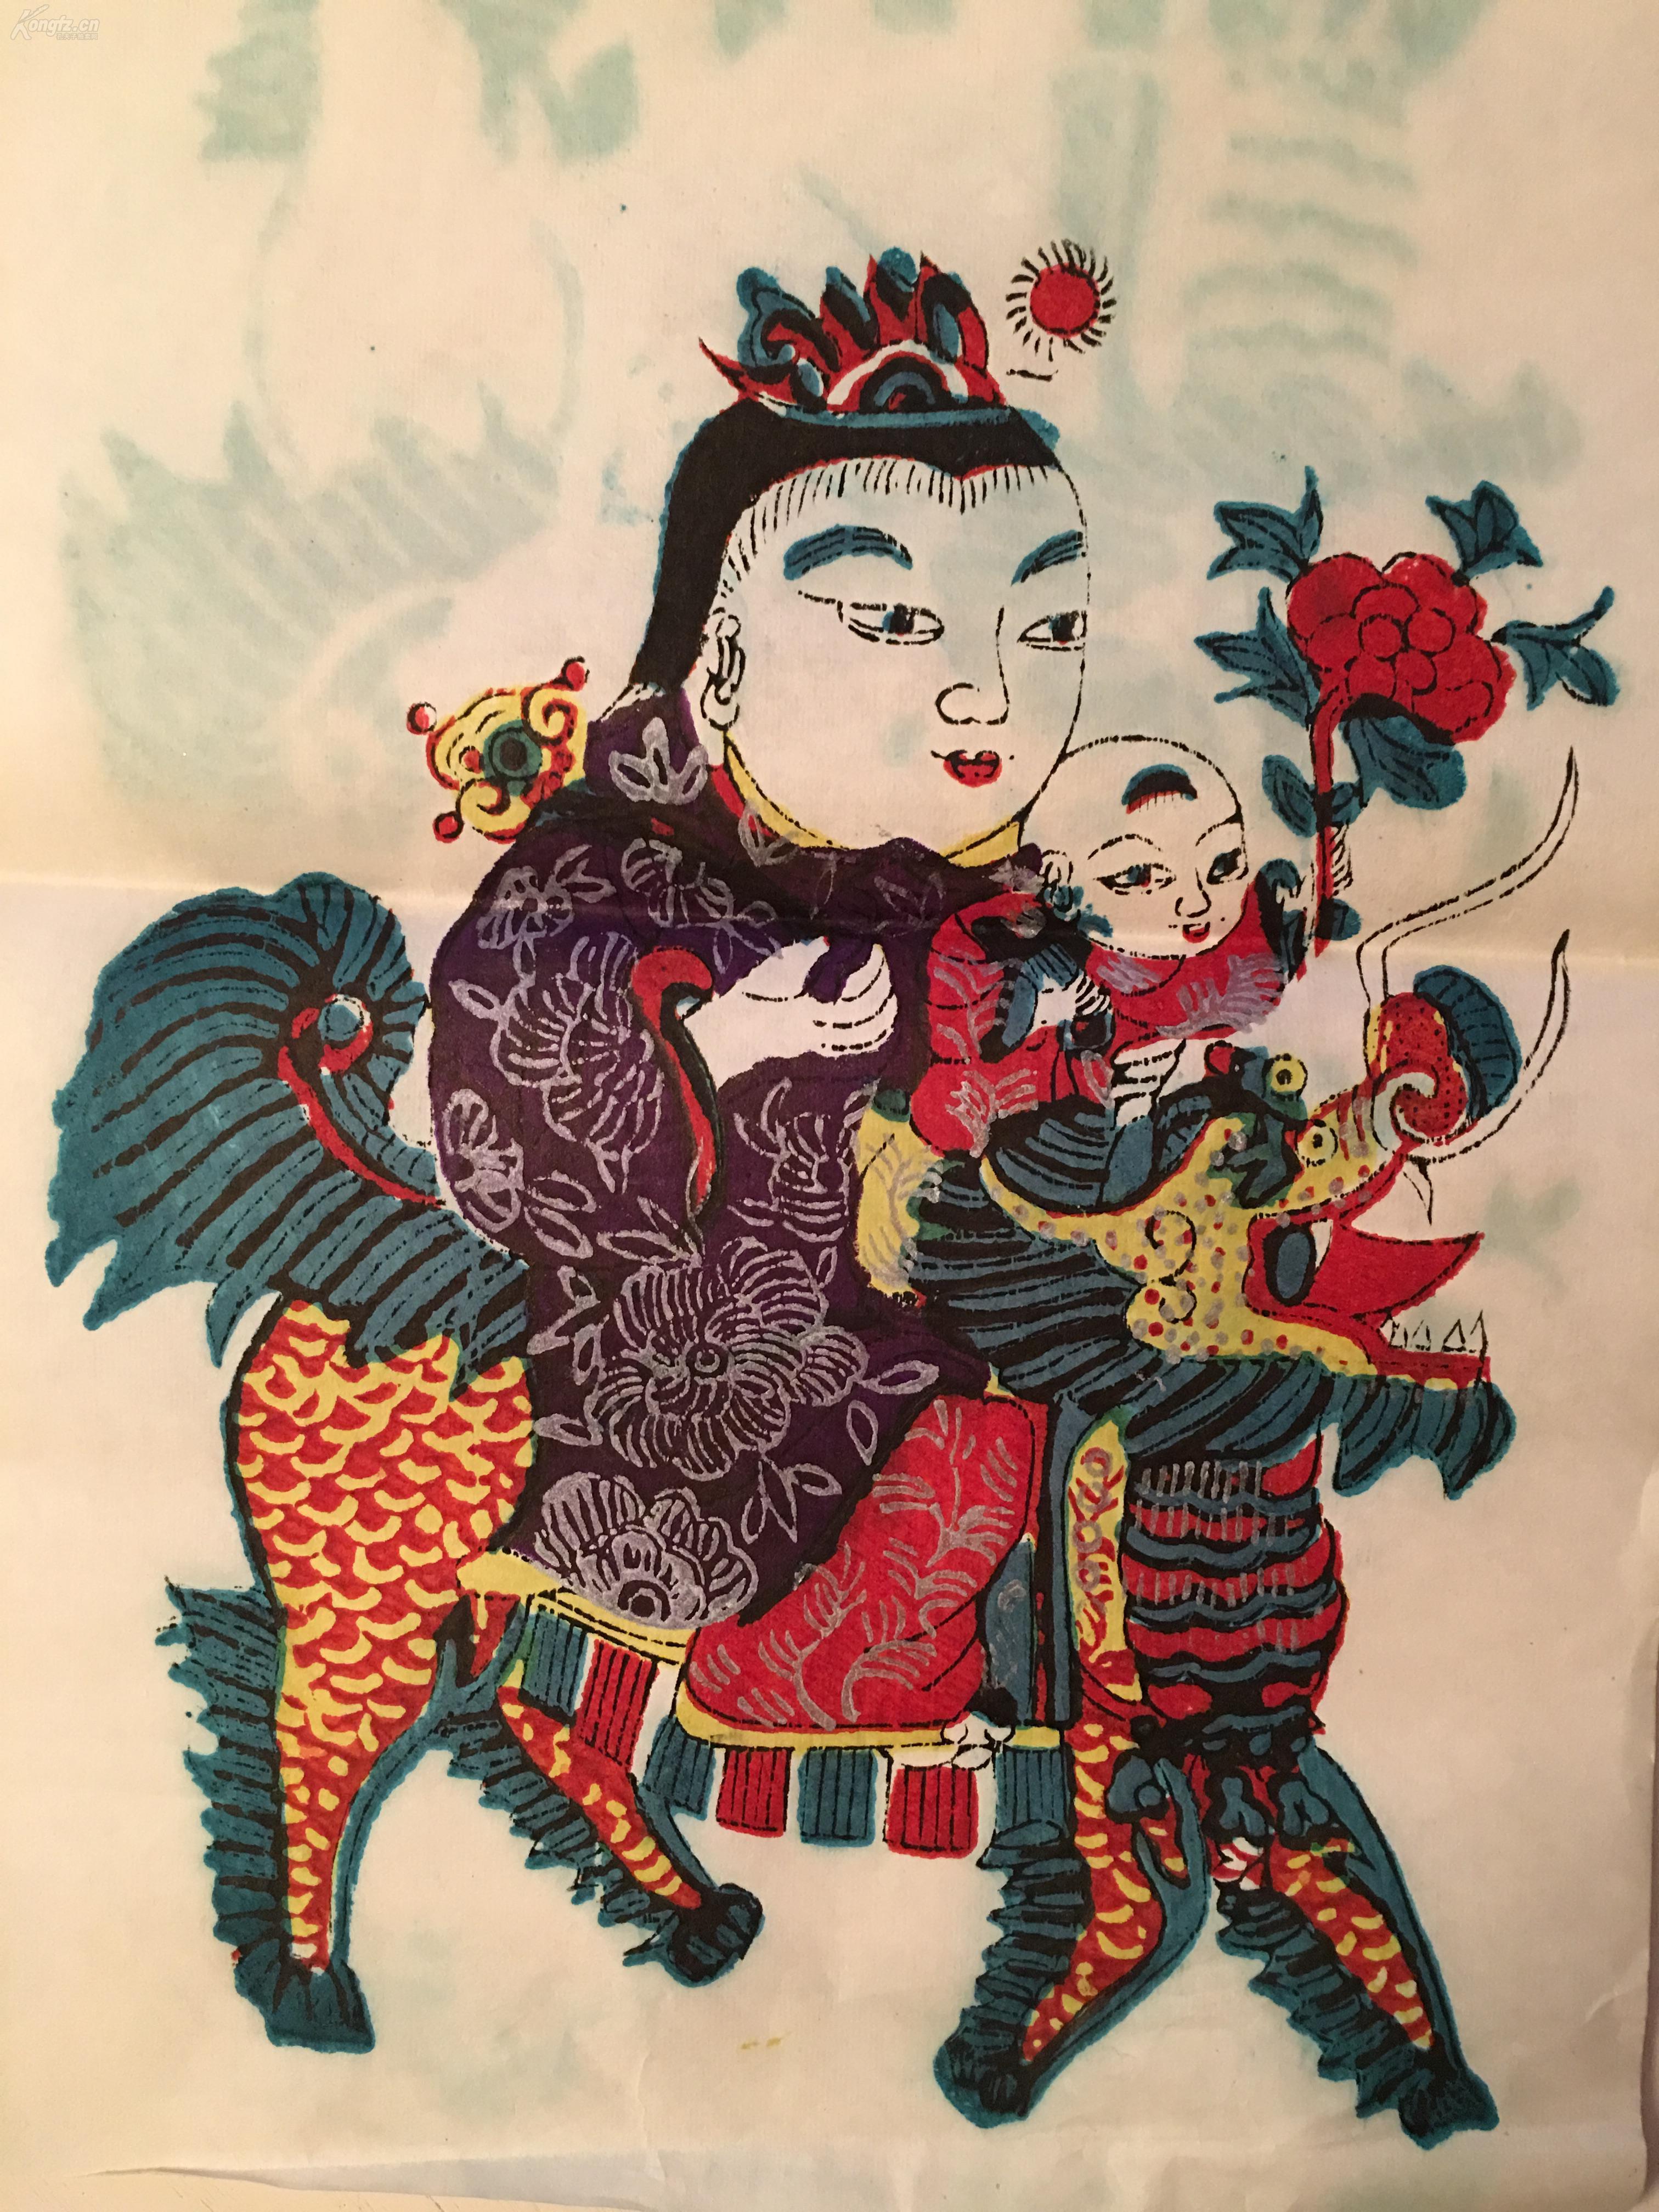 江蘇南通木版手工套色刷印年畫版畫——麒麟送子 拍品編號:30279136